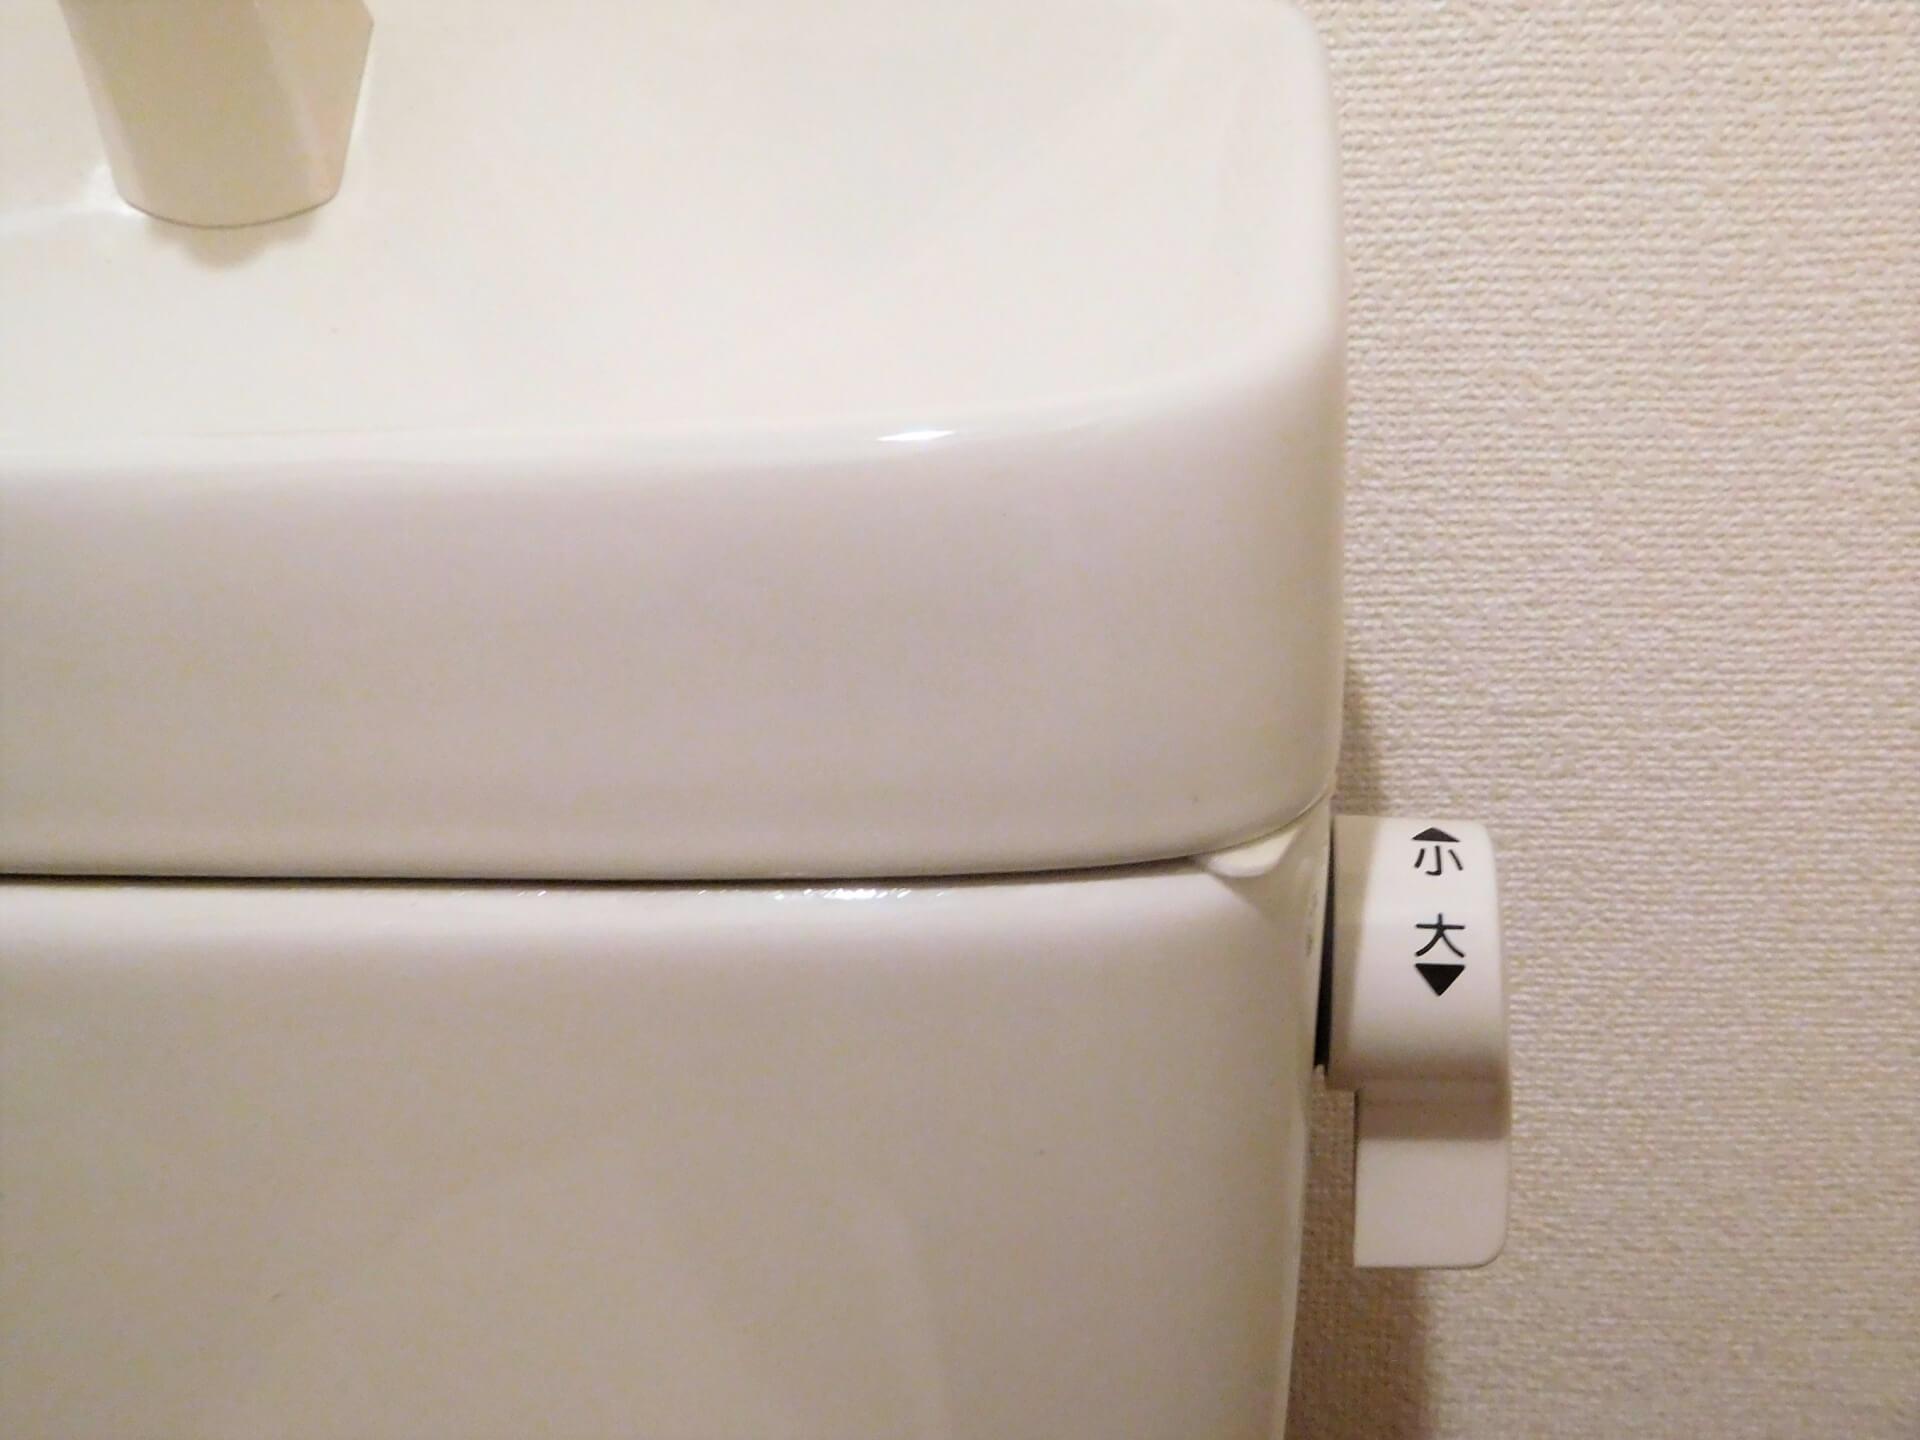 【節約】やってはいけない水道代の節約方法